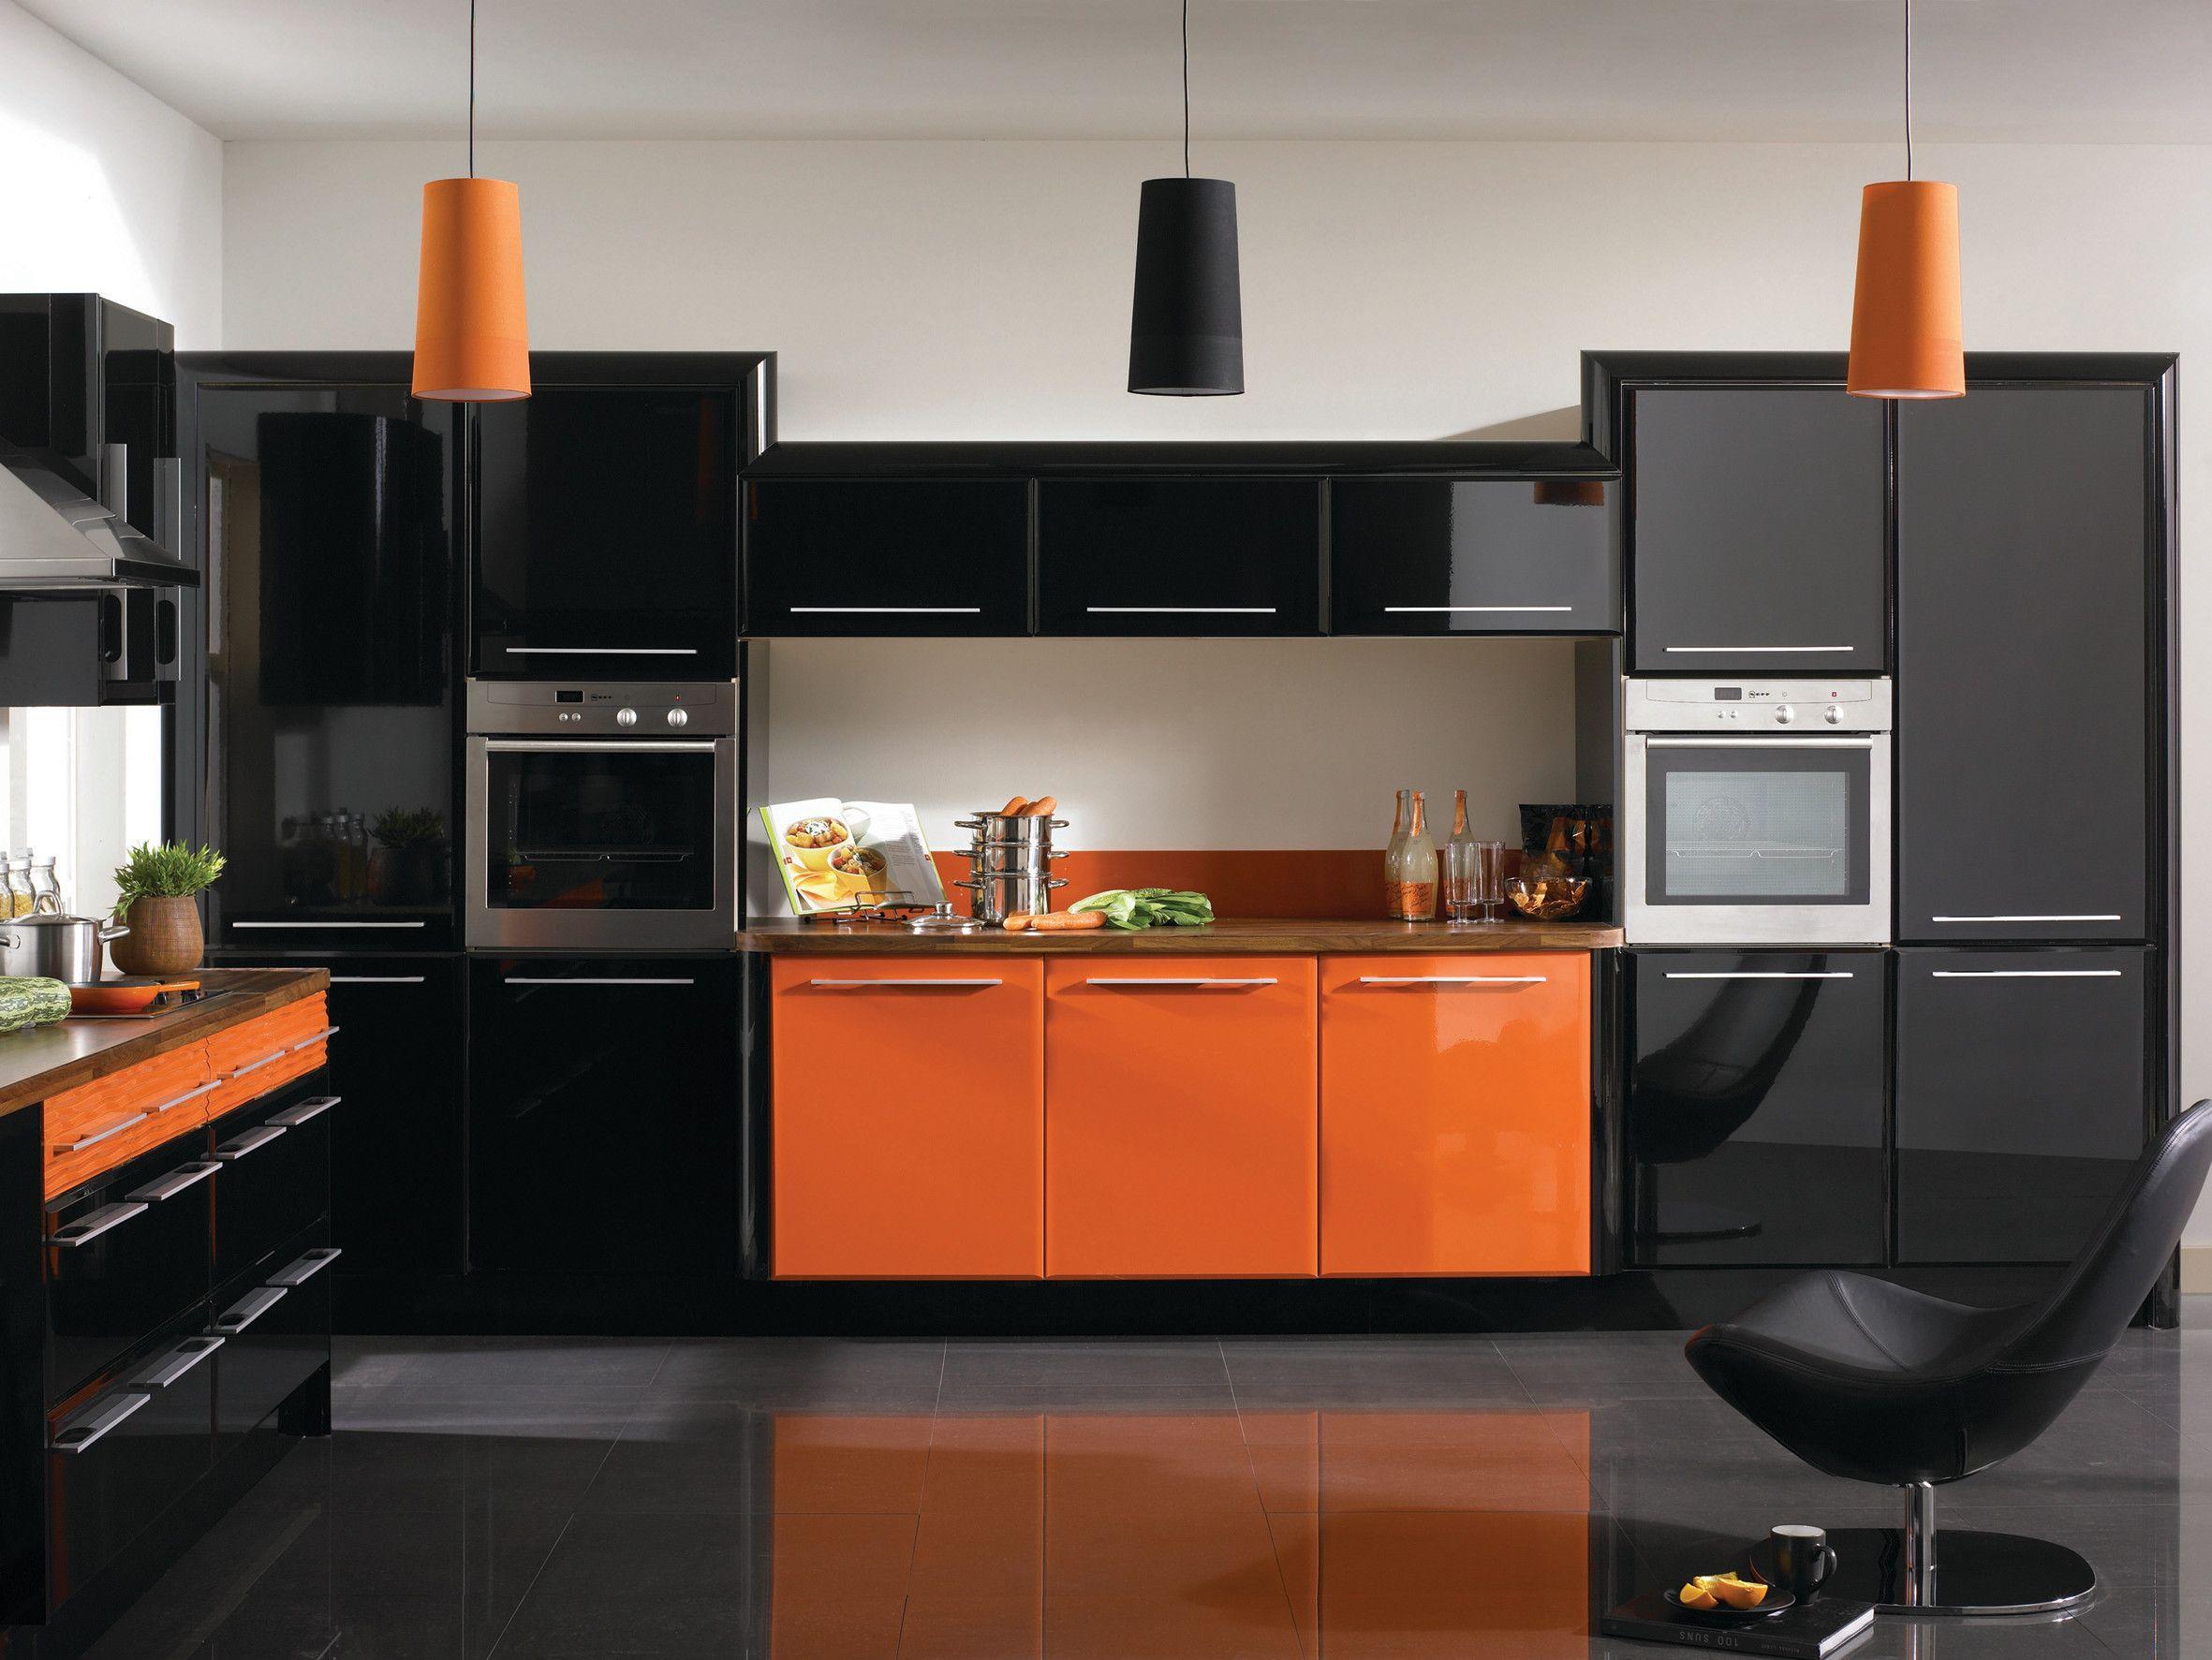 High Gloss standout colour scheme showing High Gloss black